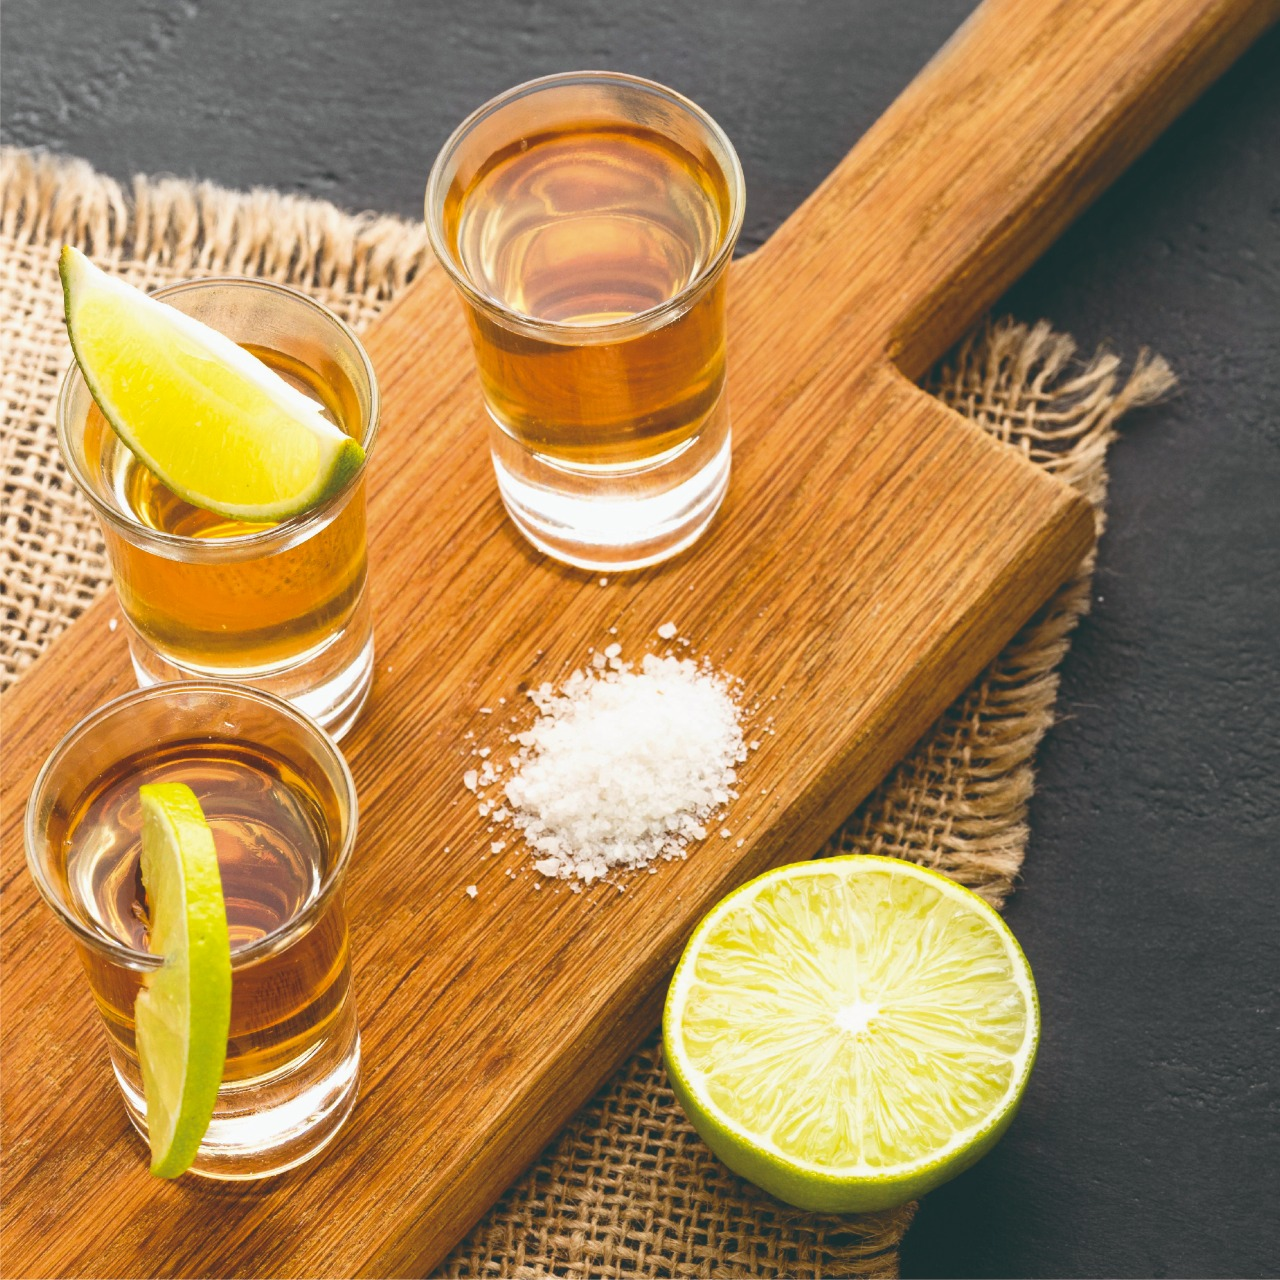 Cócteles con tequila, la mejor opción para celebrar este día